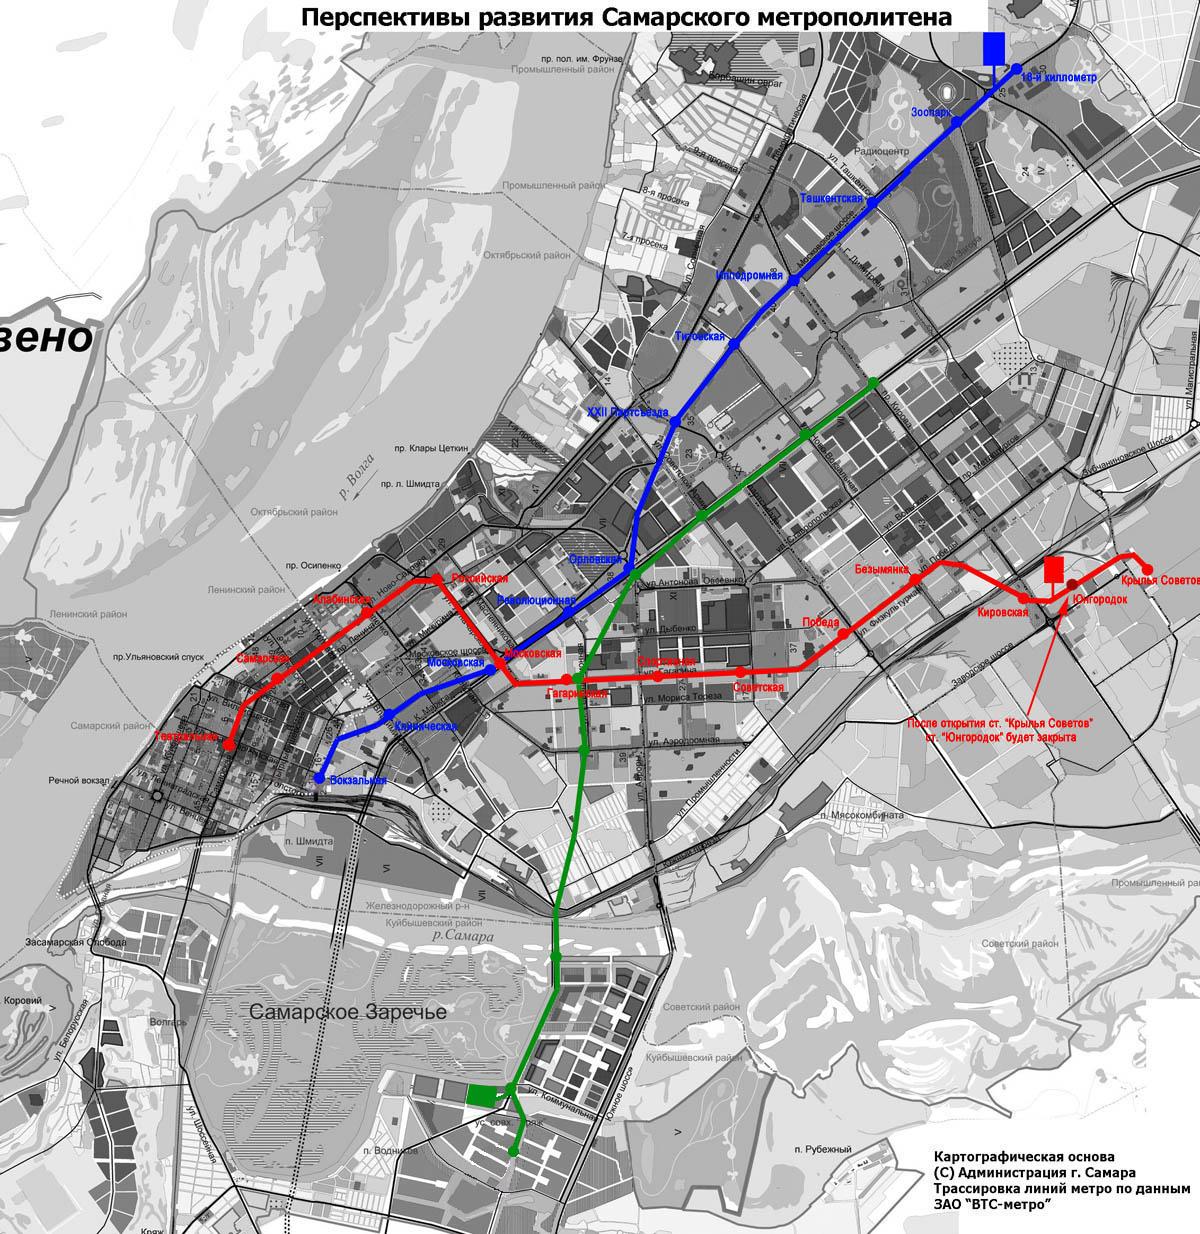 схема казанского метрополитена в перспективе